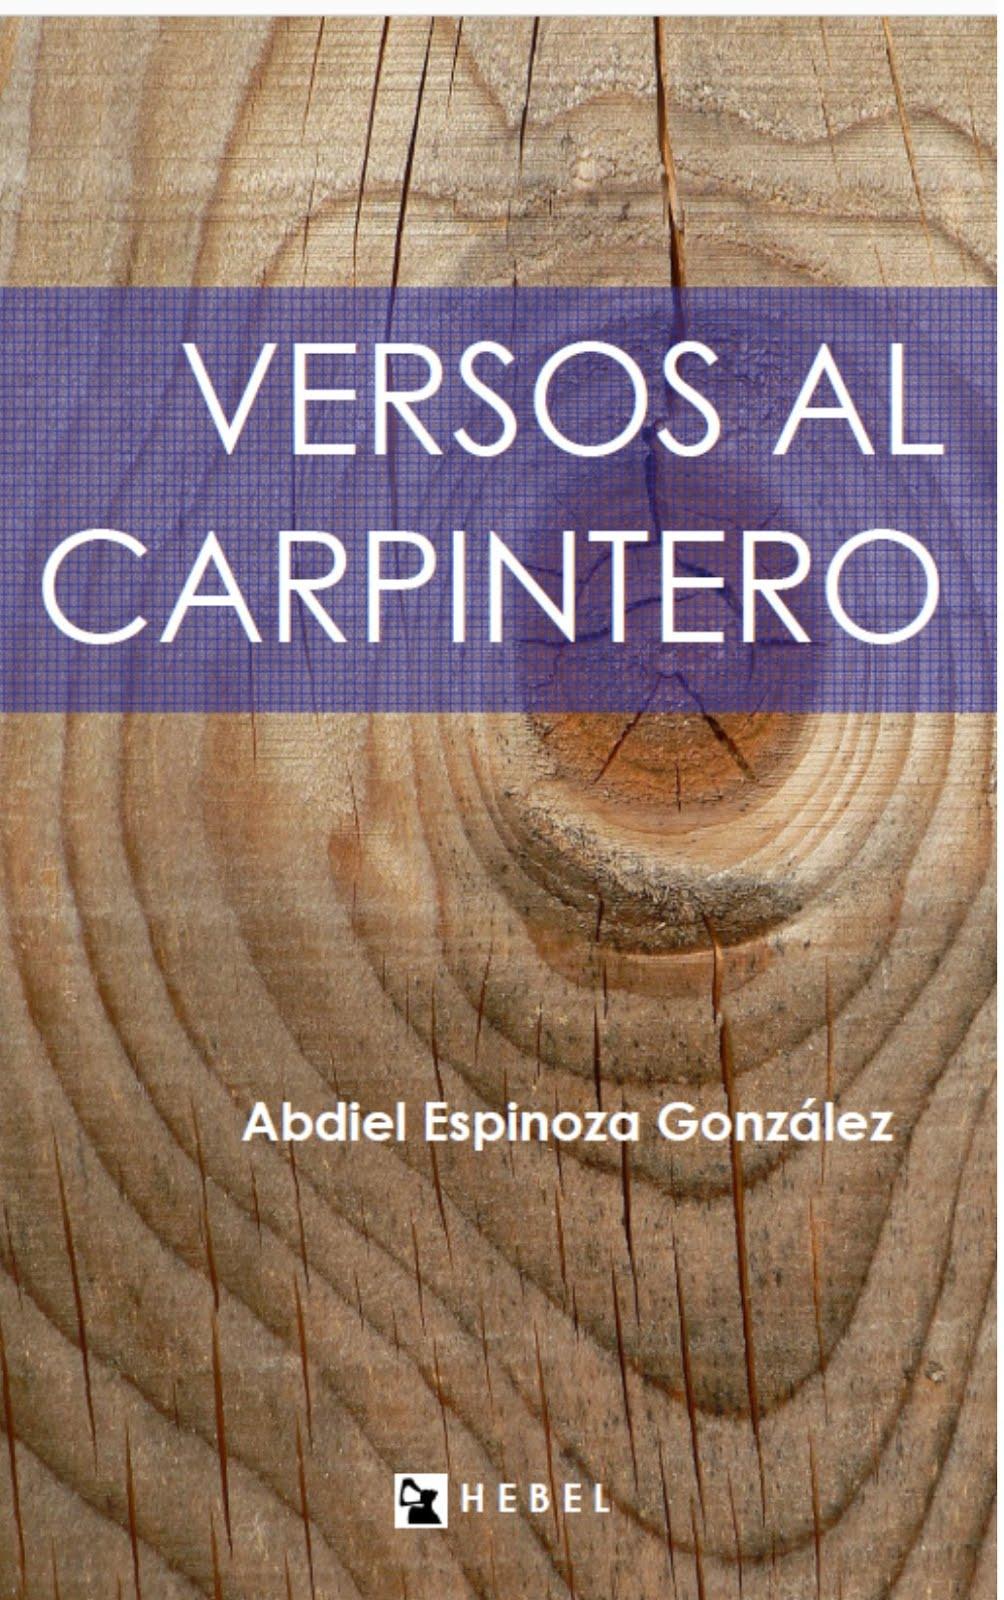 Versos al carpintero, Hebel Ediciones, 2013